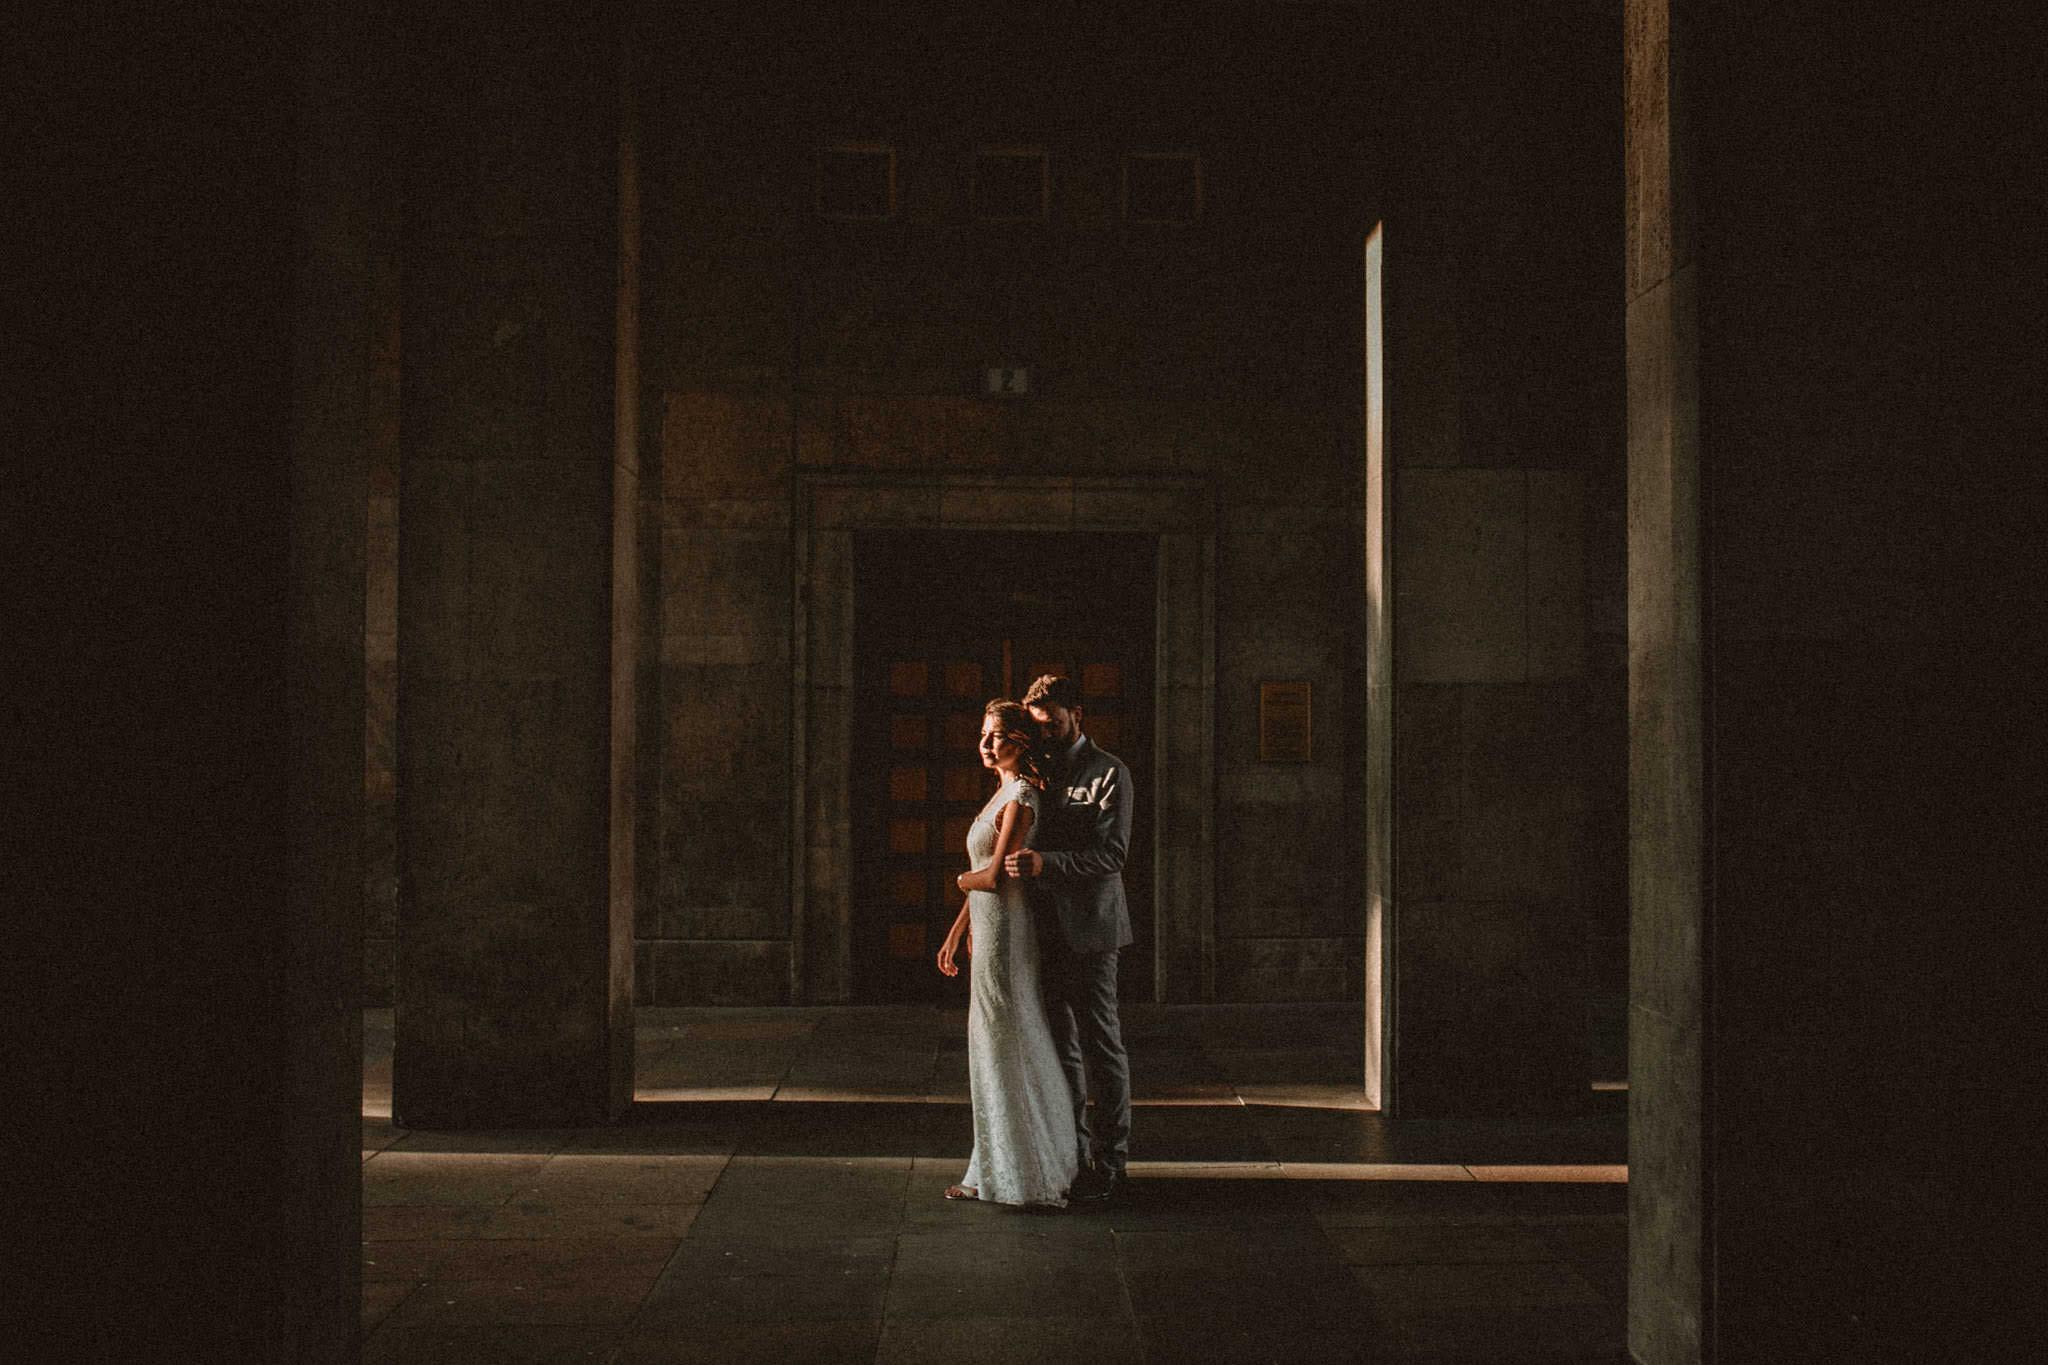 Hochzeit_in_Fabrik23_nhow_8215